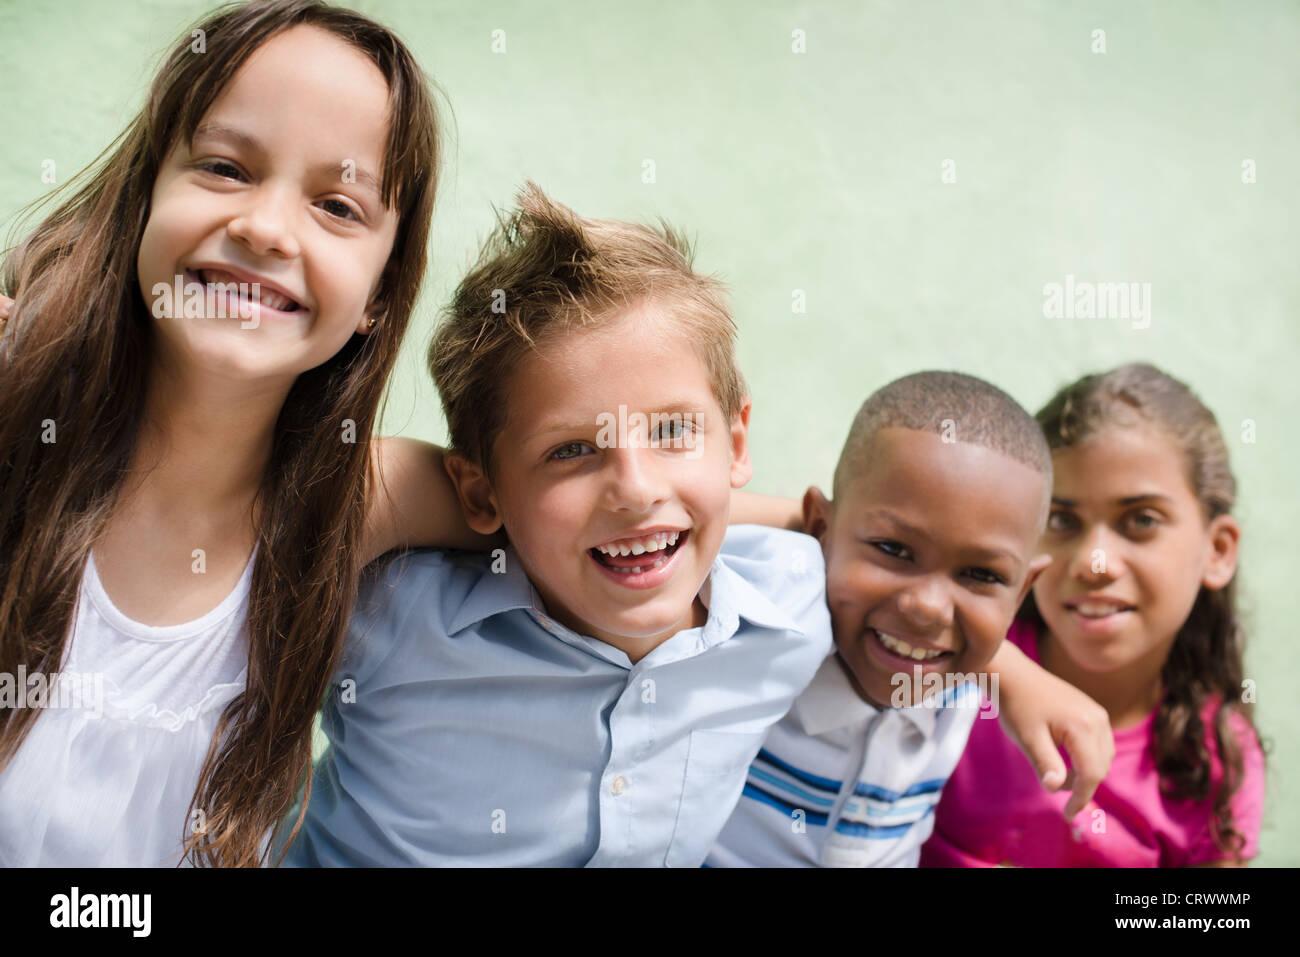 Groupe d'heureux enfants sourire, embrassant et en regardant la caméra. Copy space Photo Stock